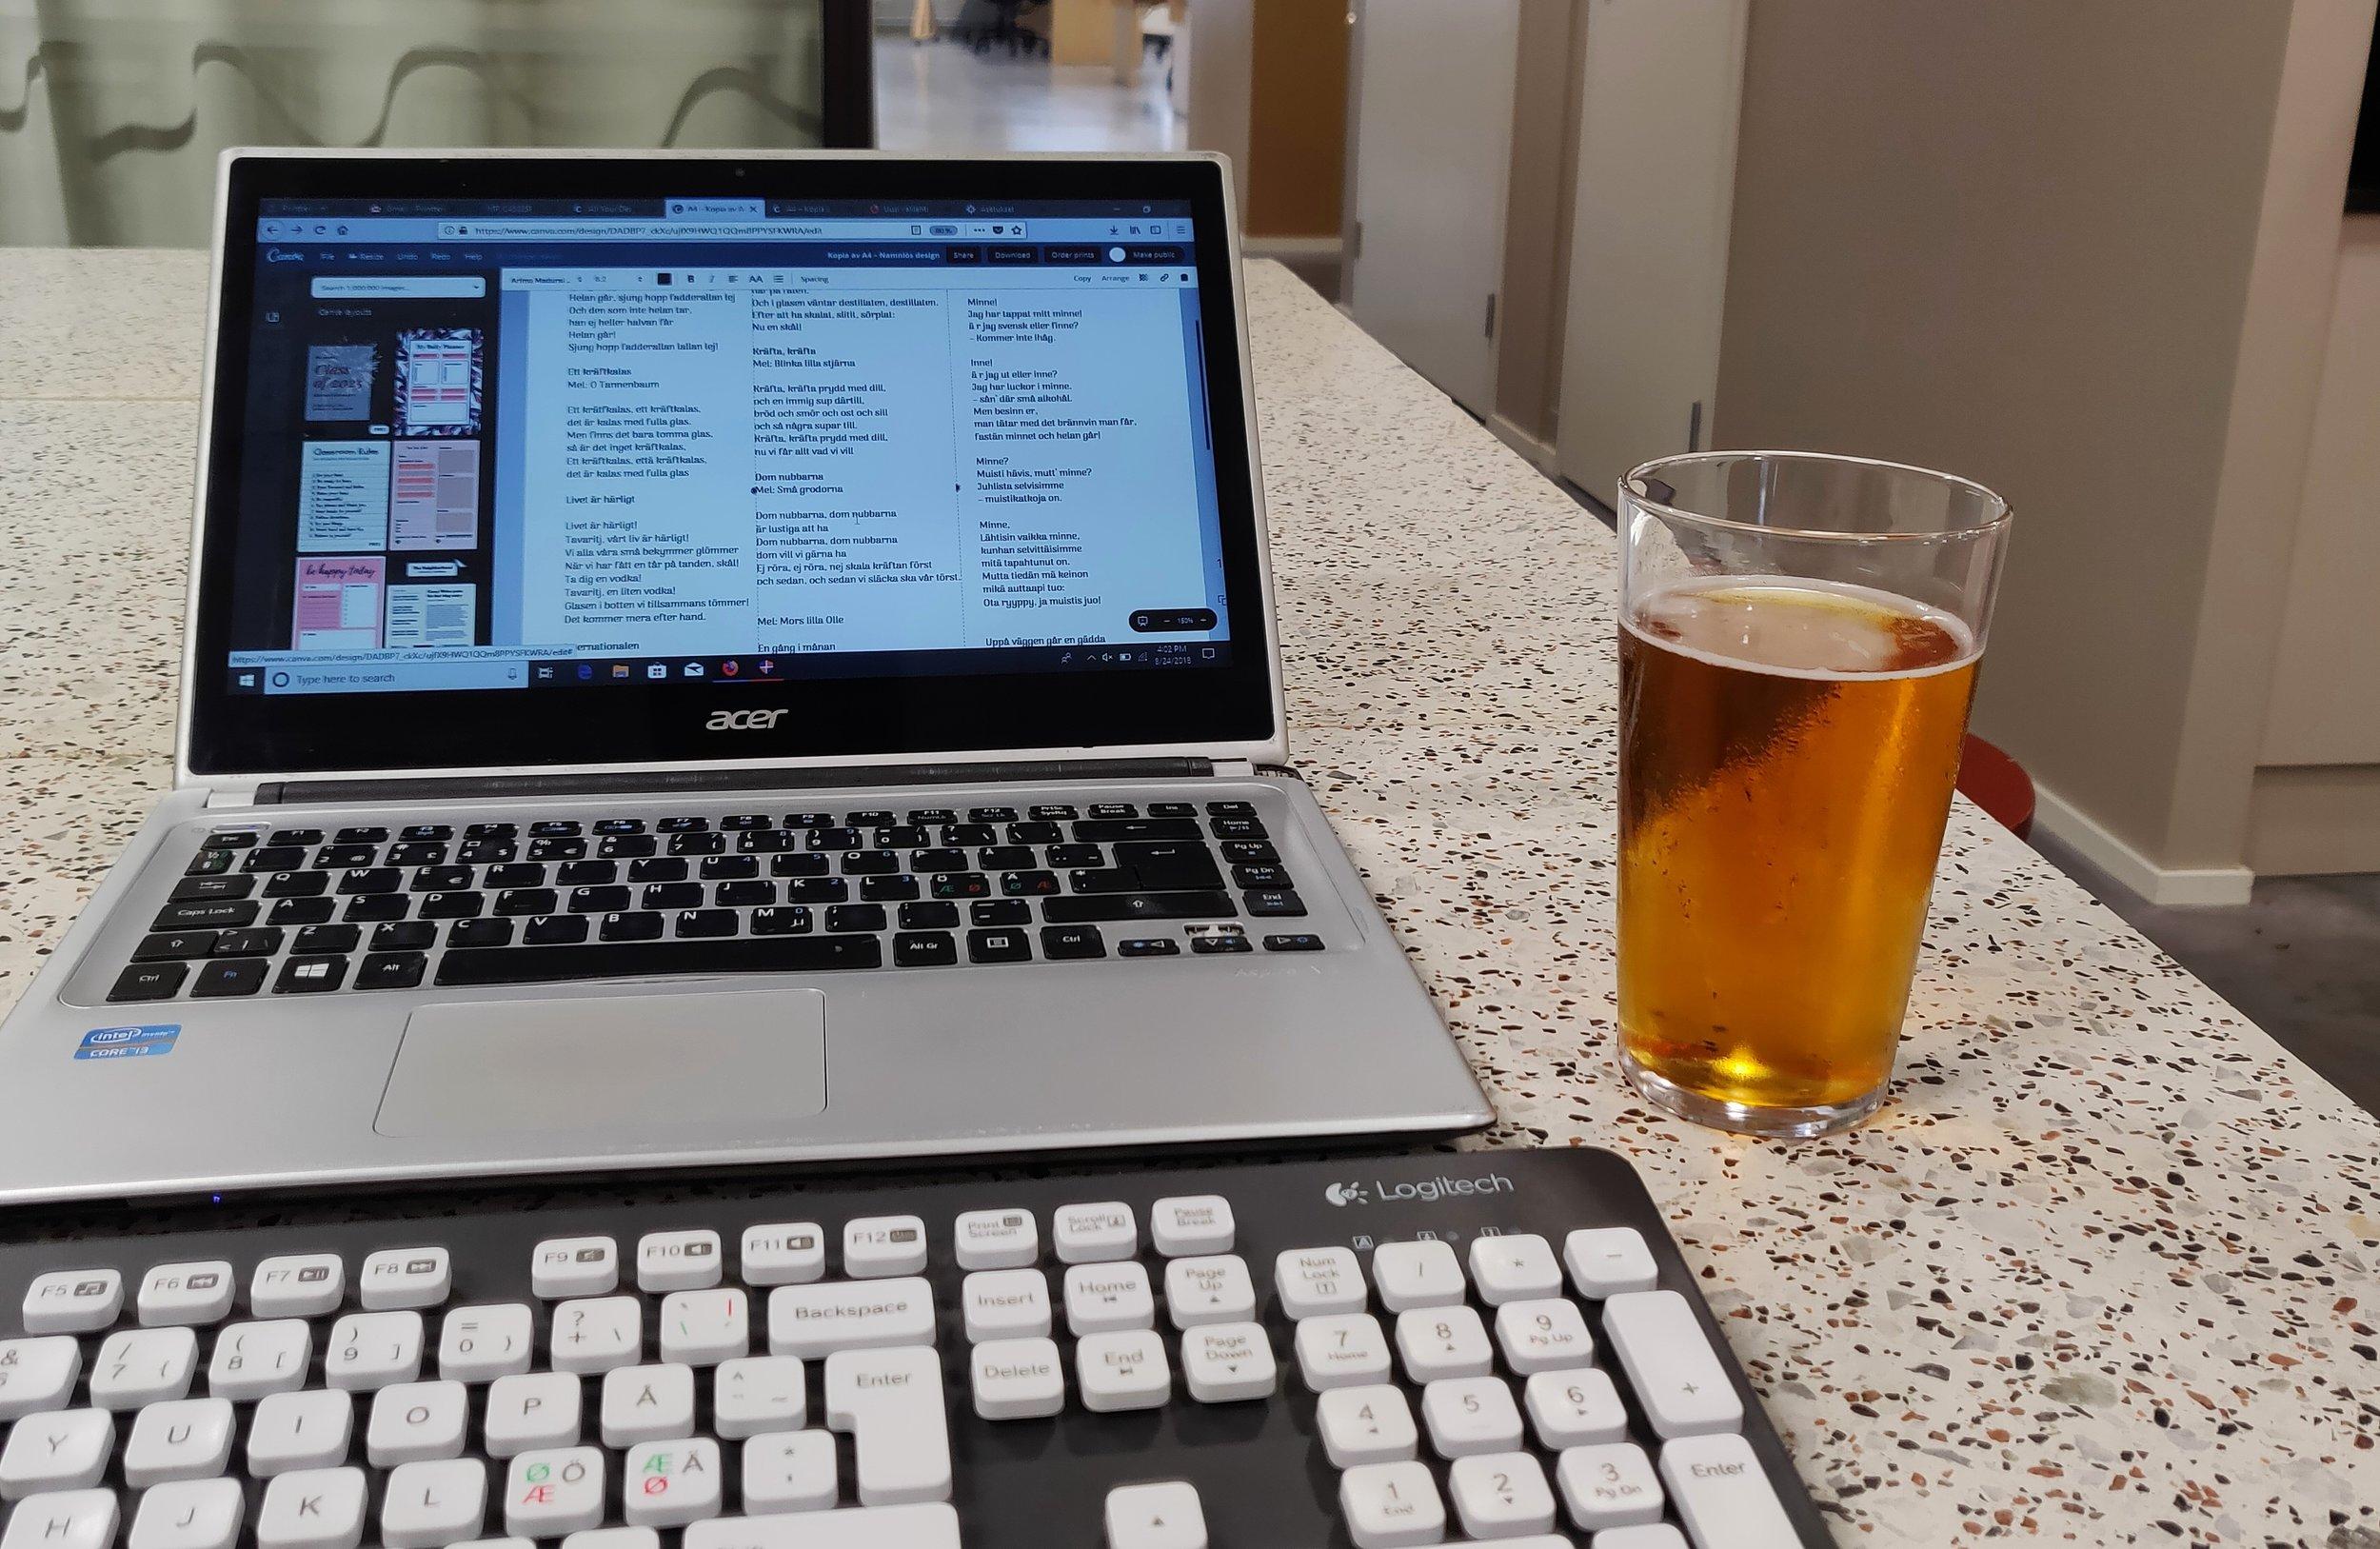 Lånedator och gratis fredagsöl på kontoret. Ja ja, sämre kunde jag ha det.